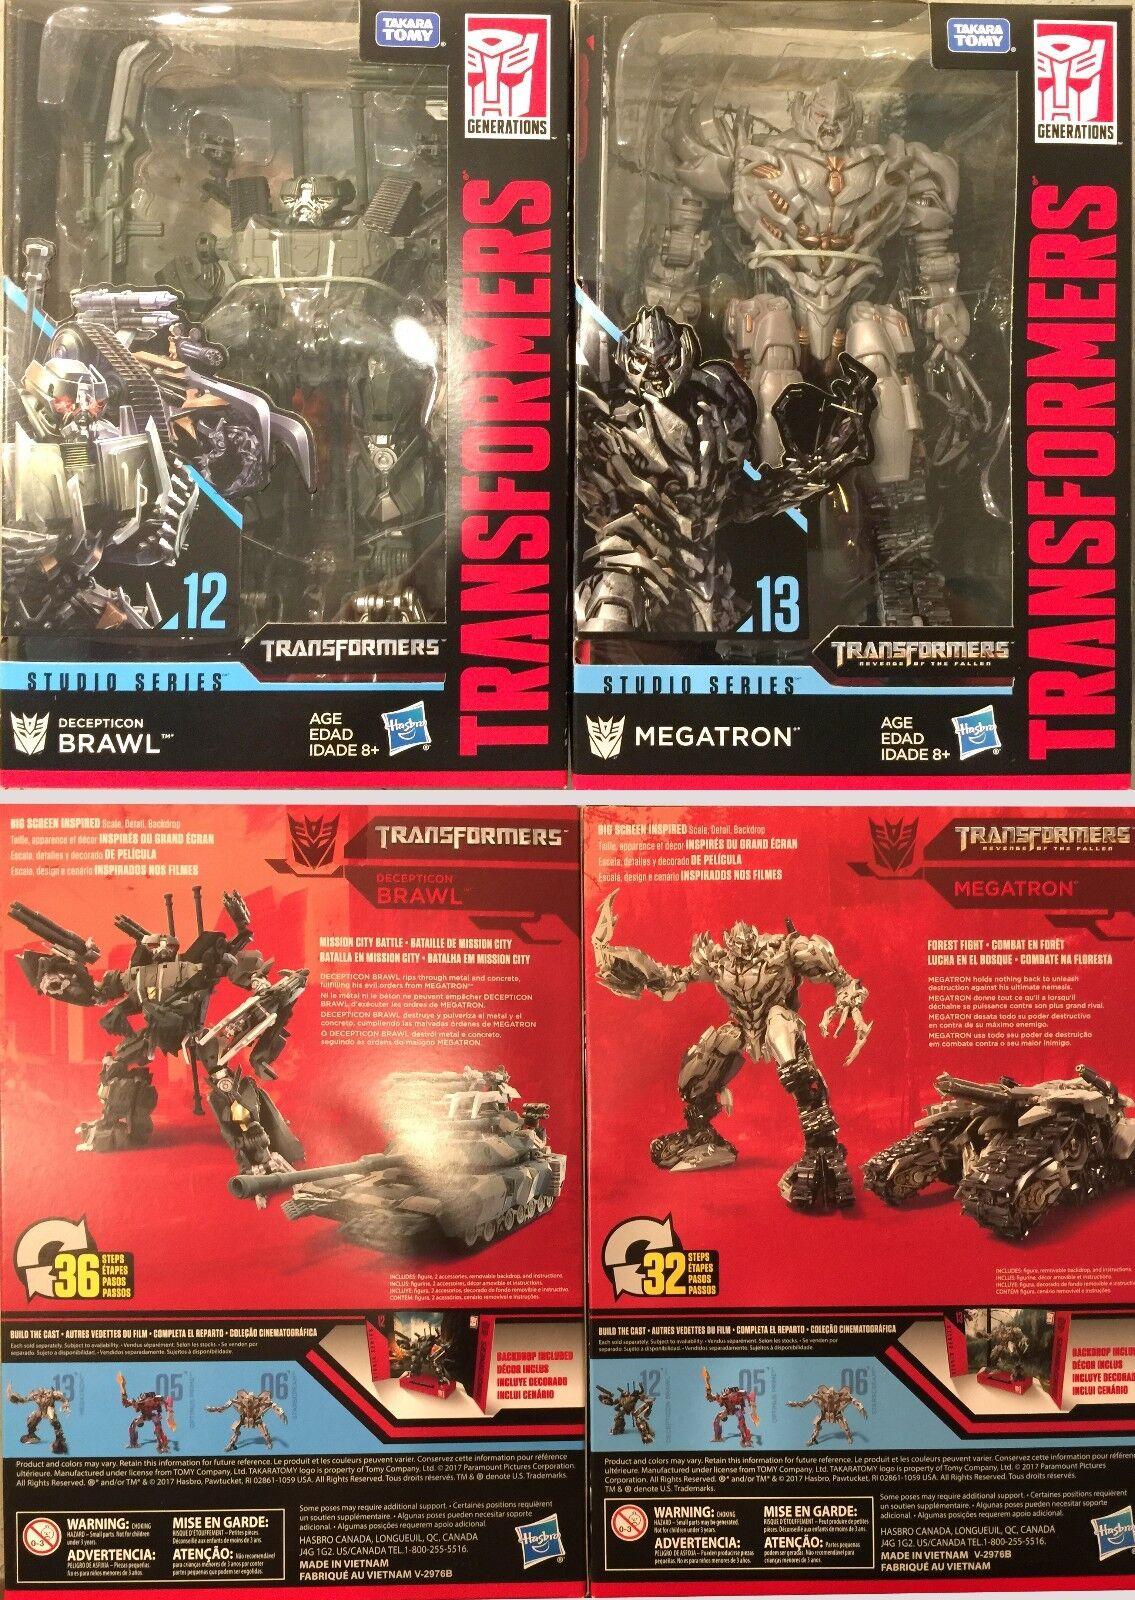 Transformers Studios série Voyager Wave 2 Decepticon Brawl et Megatron - 2 pièces